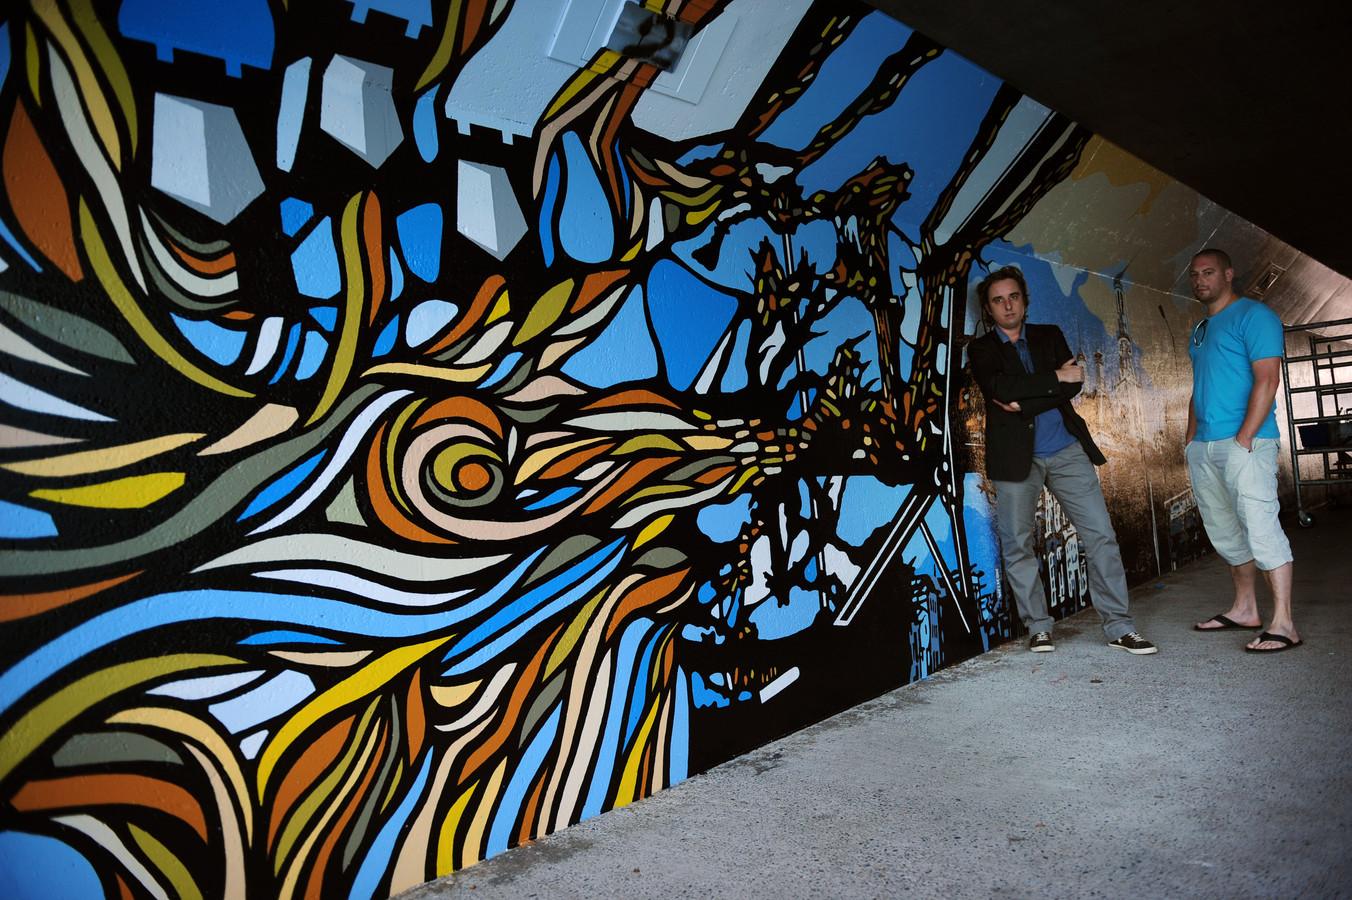 Kunstenaars Stijn de Wilde (l) en Mario Pasetto bij een deel van de muurschildering.